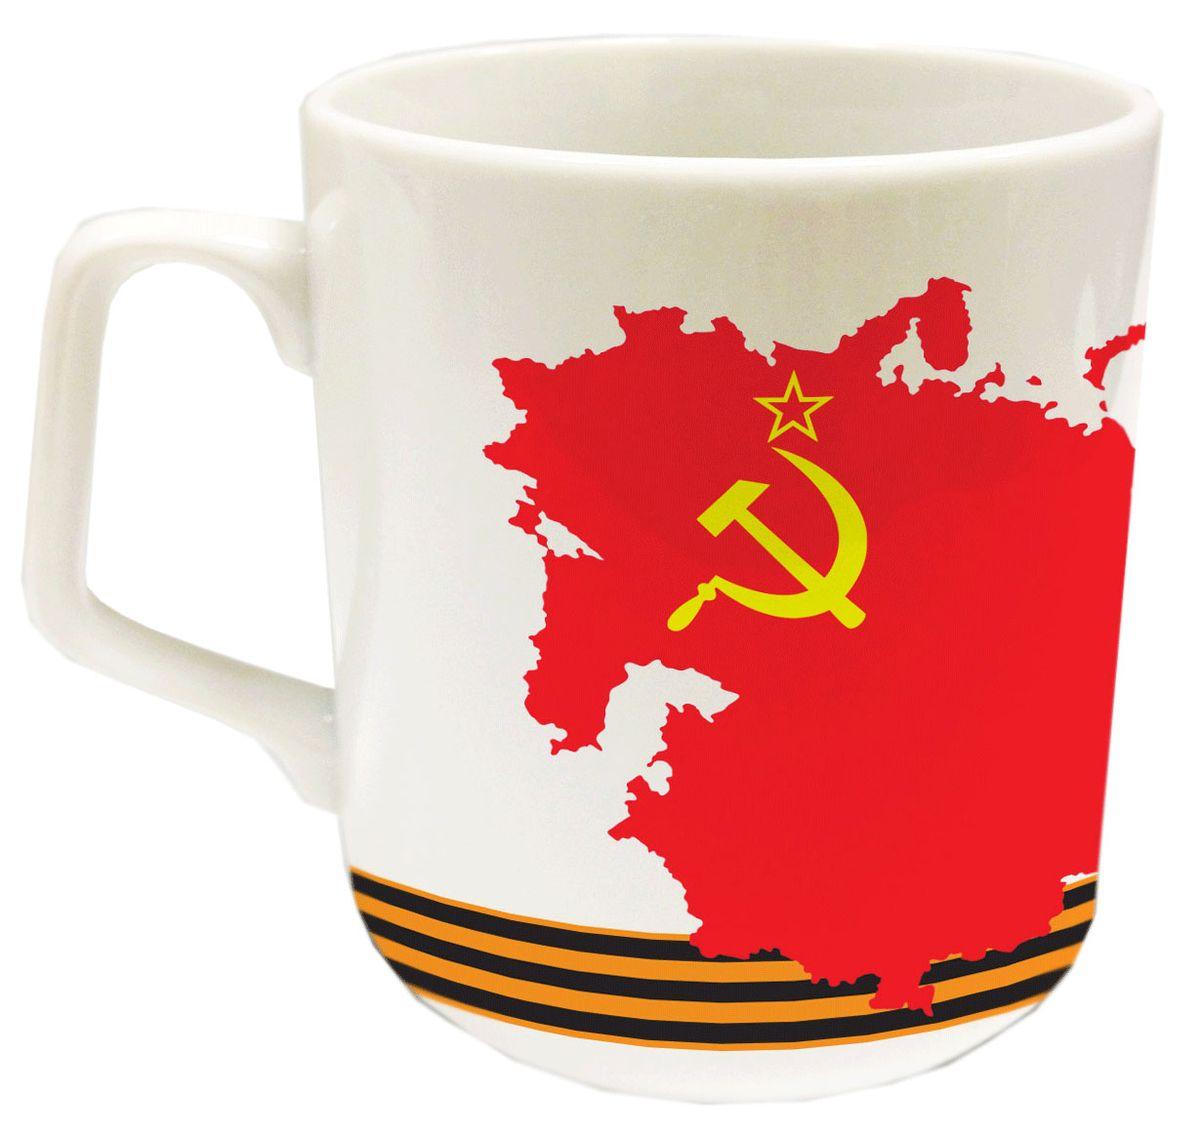 Кружка PrioritY Советская серия. Карта, 350 млКРС-505Кружка PrioritY с изображением символики СССР выполнена из фарфора. Можно использовать в микроволновой печи и посудомоечной машине.Упакована в подарочную упаковку.Объем: 350 мл.